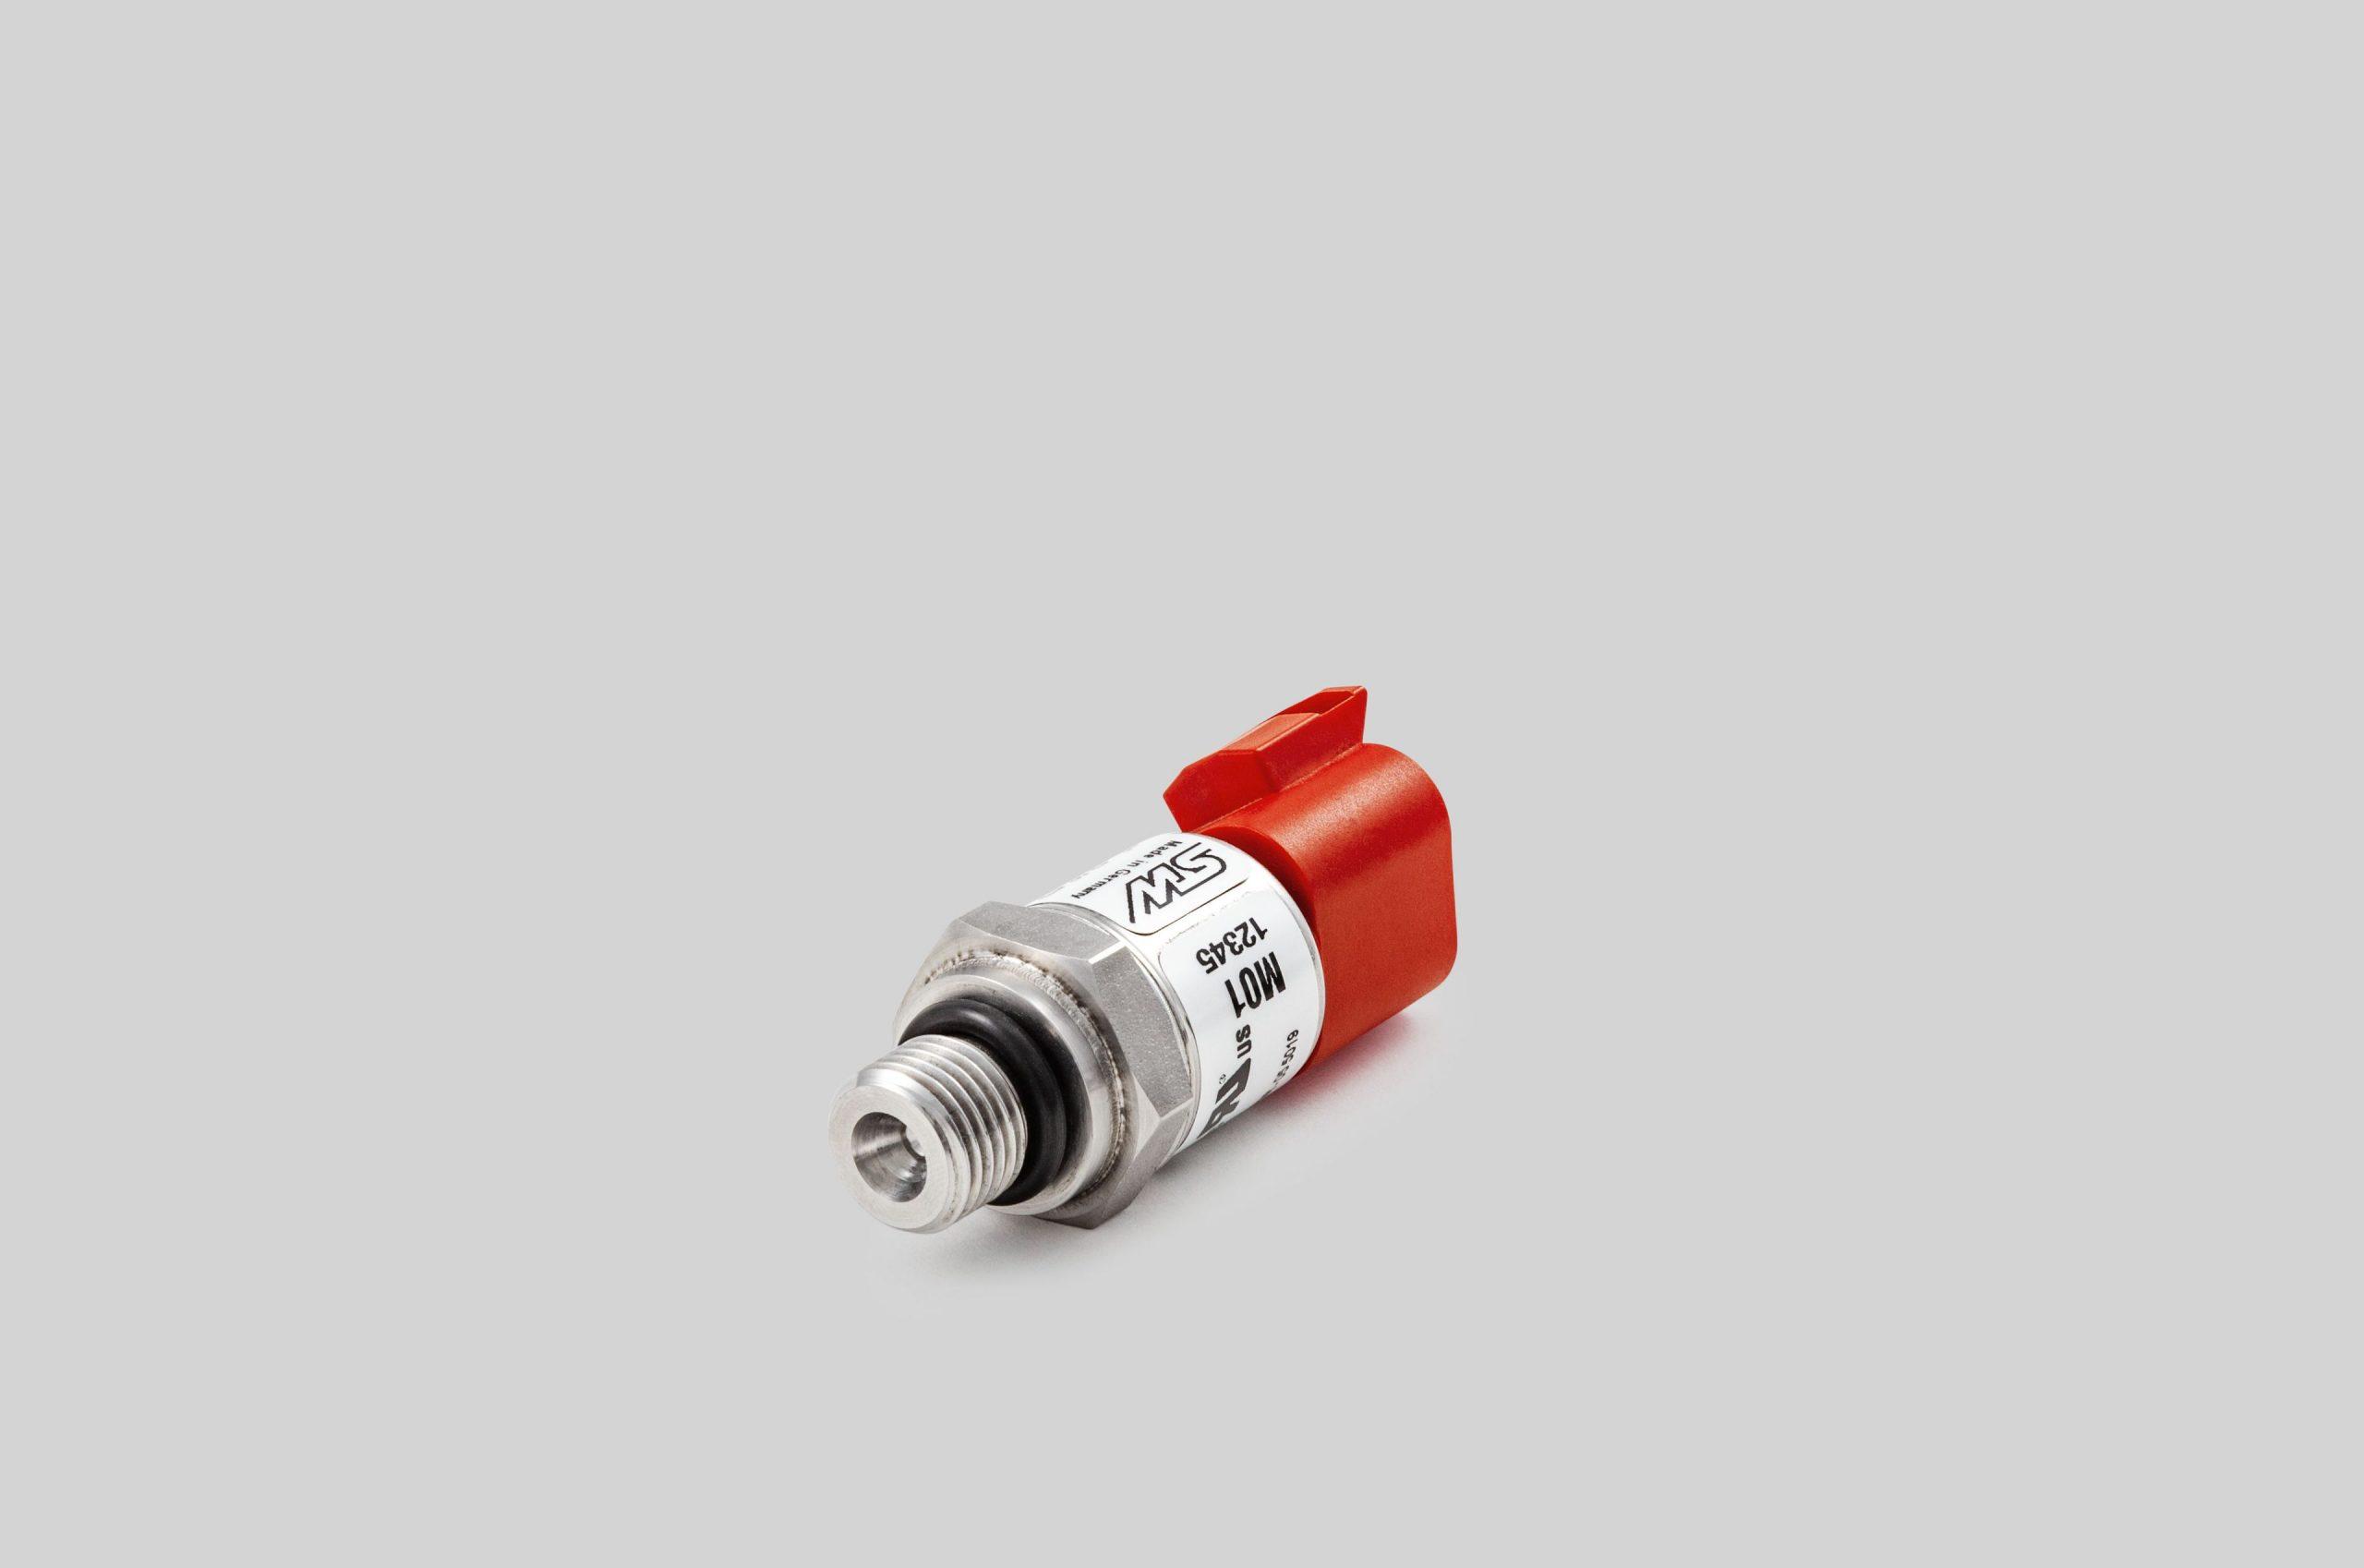 Sensorbaukasten für Kleinstdrücke